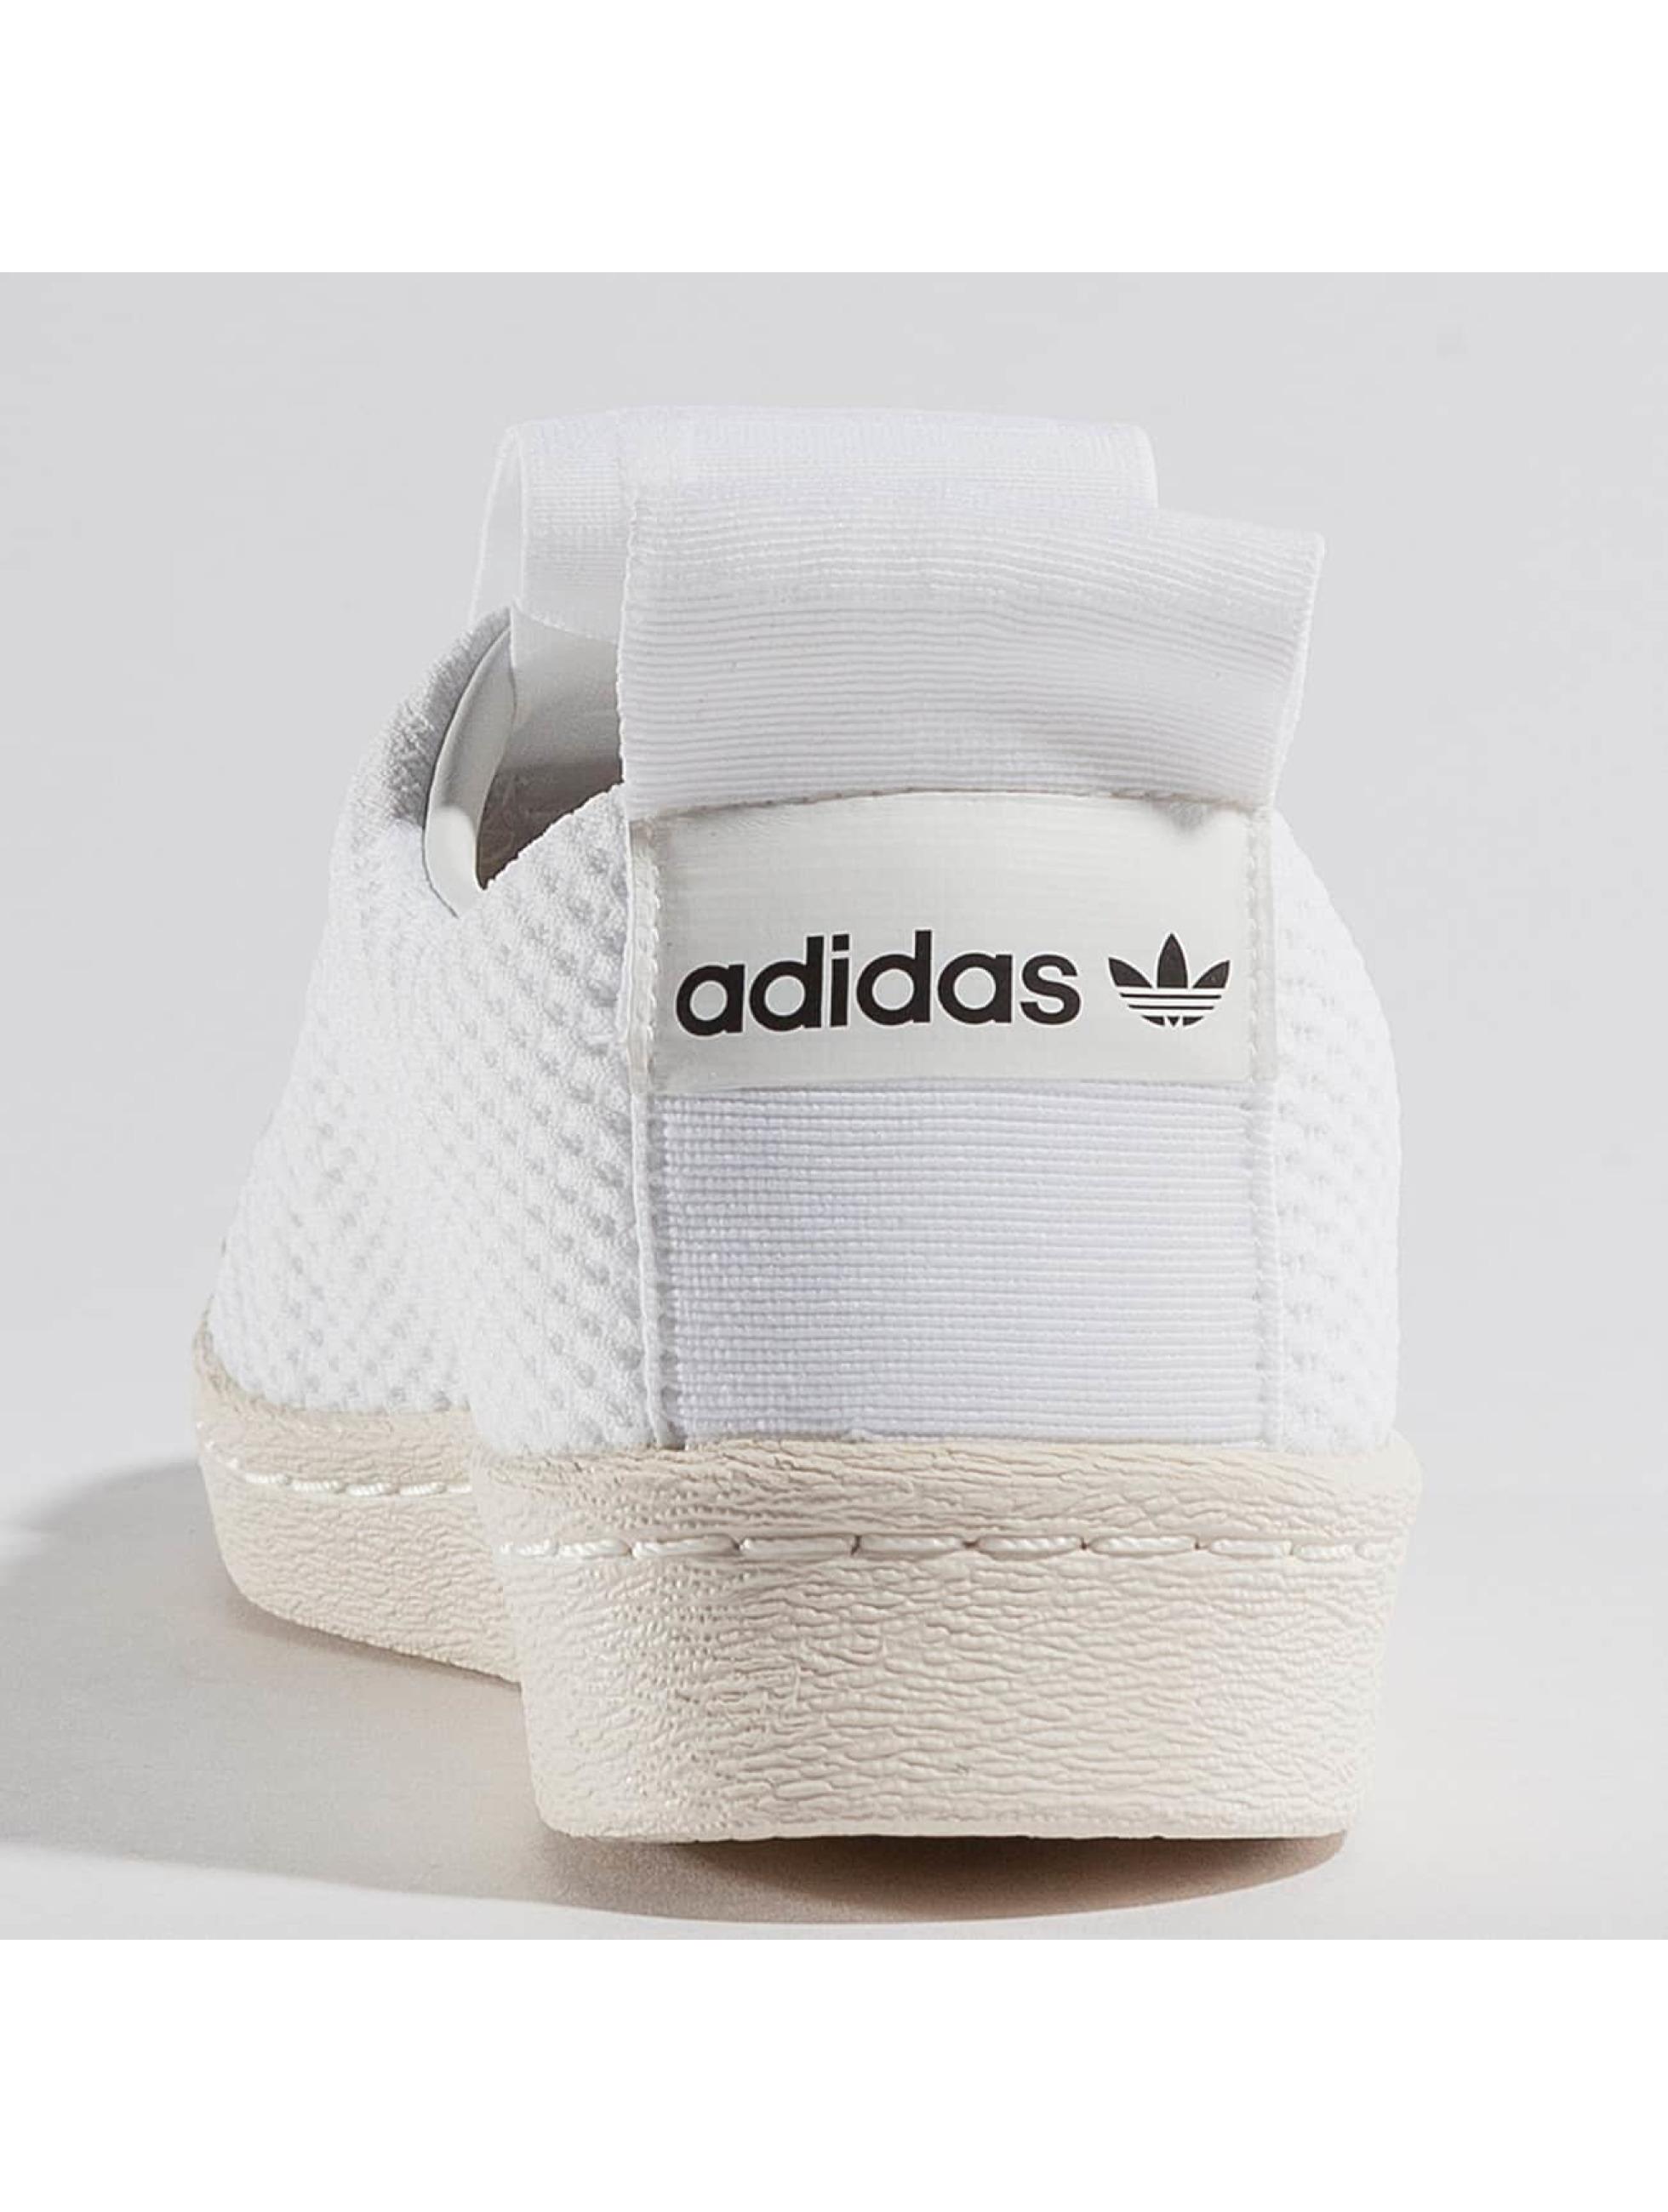 adidas Zapatillas de deporte Superstar BW35 S blanco